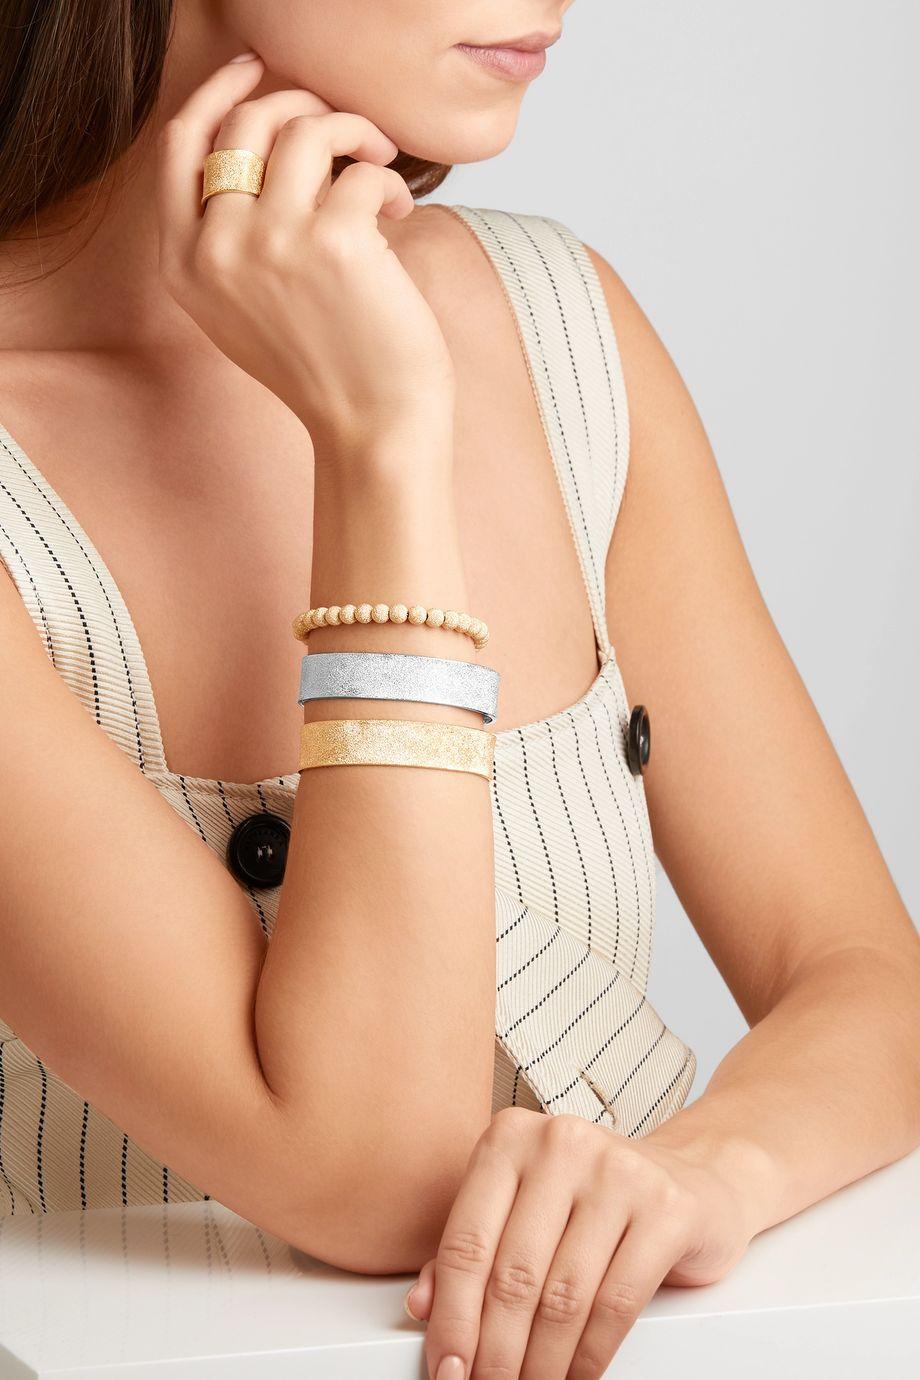 Carolina Bucci Florentine 18-karat white gold cuff